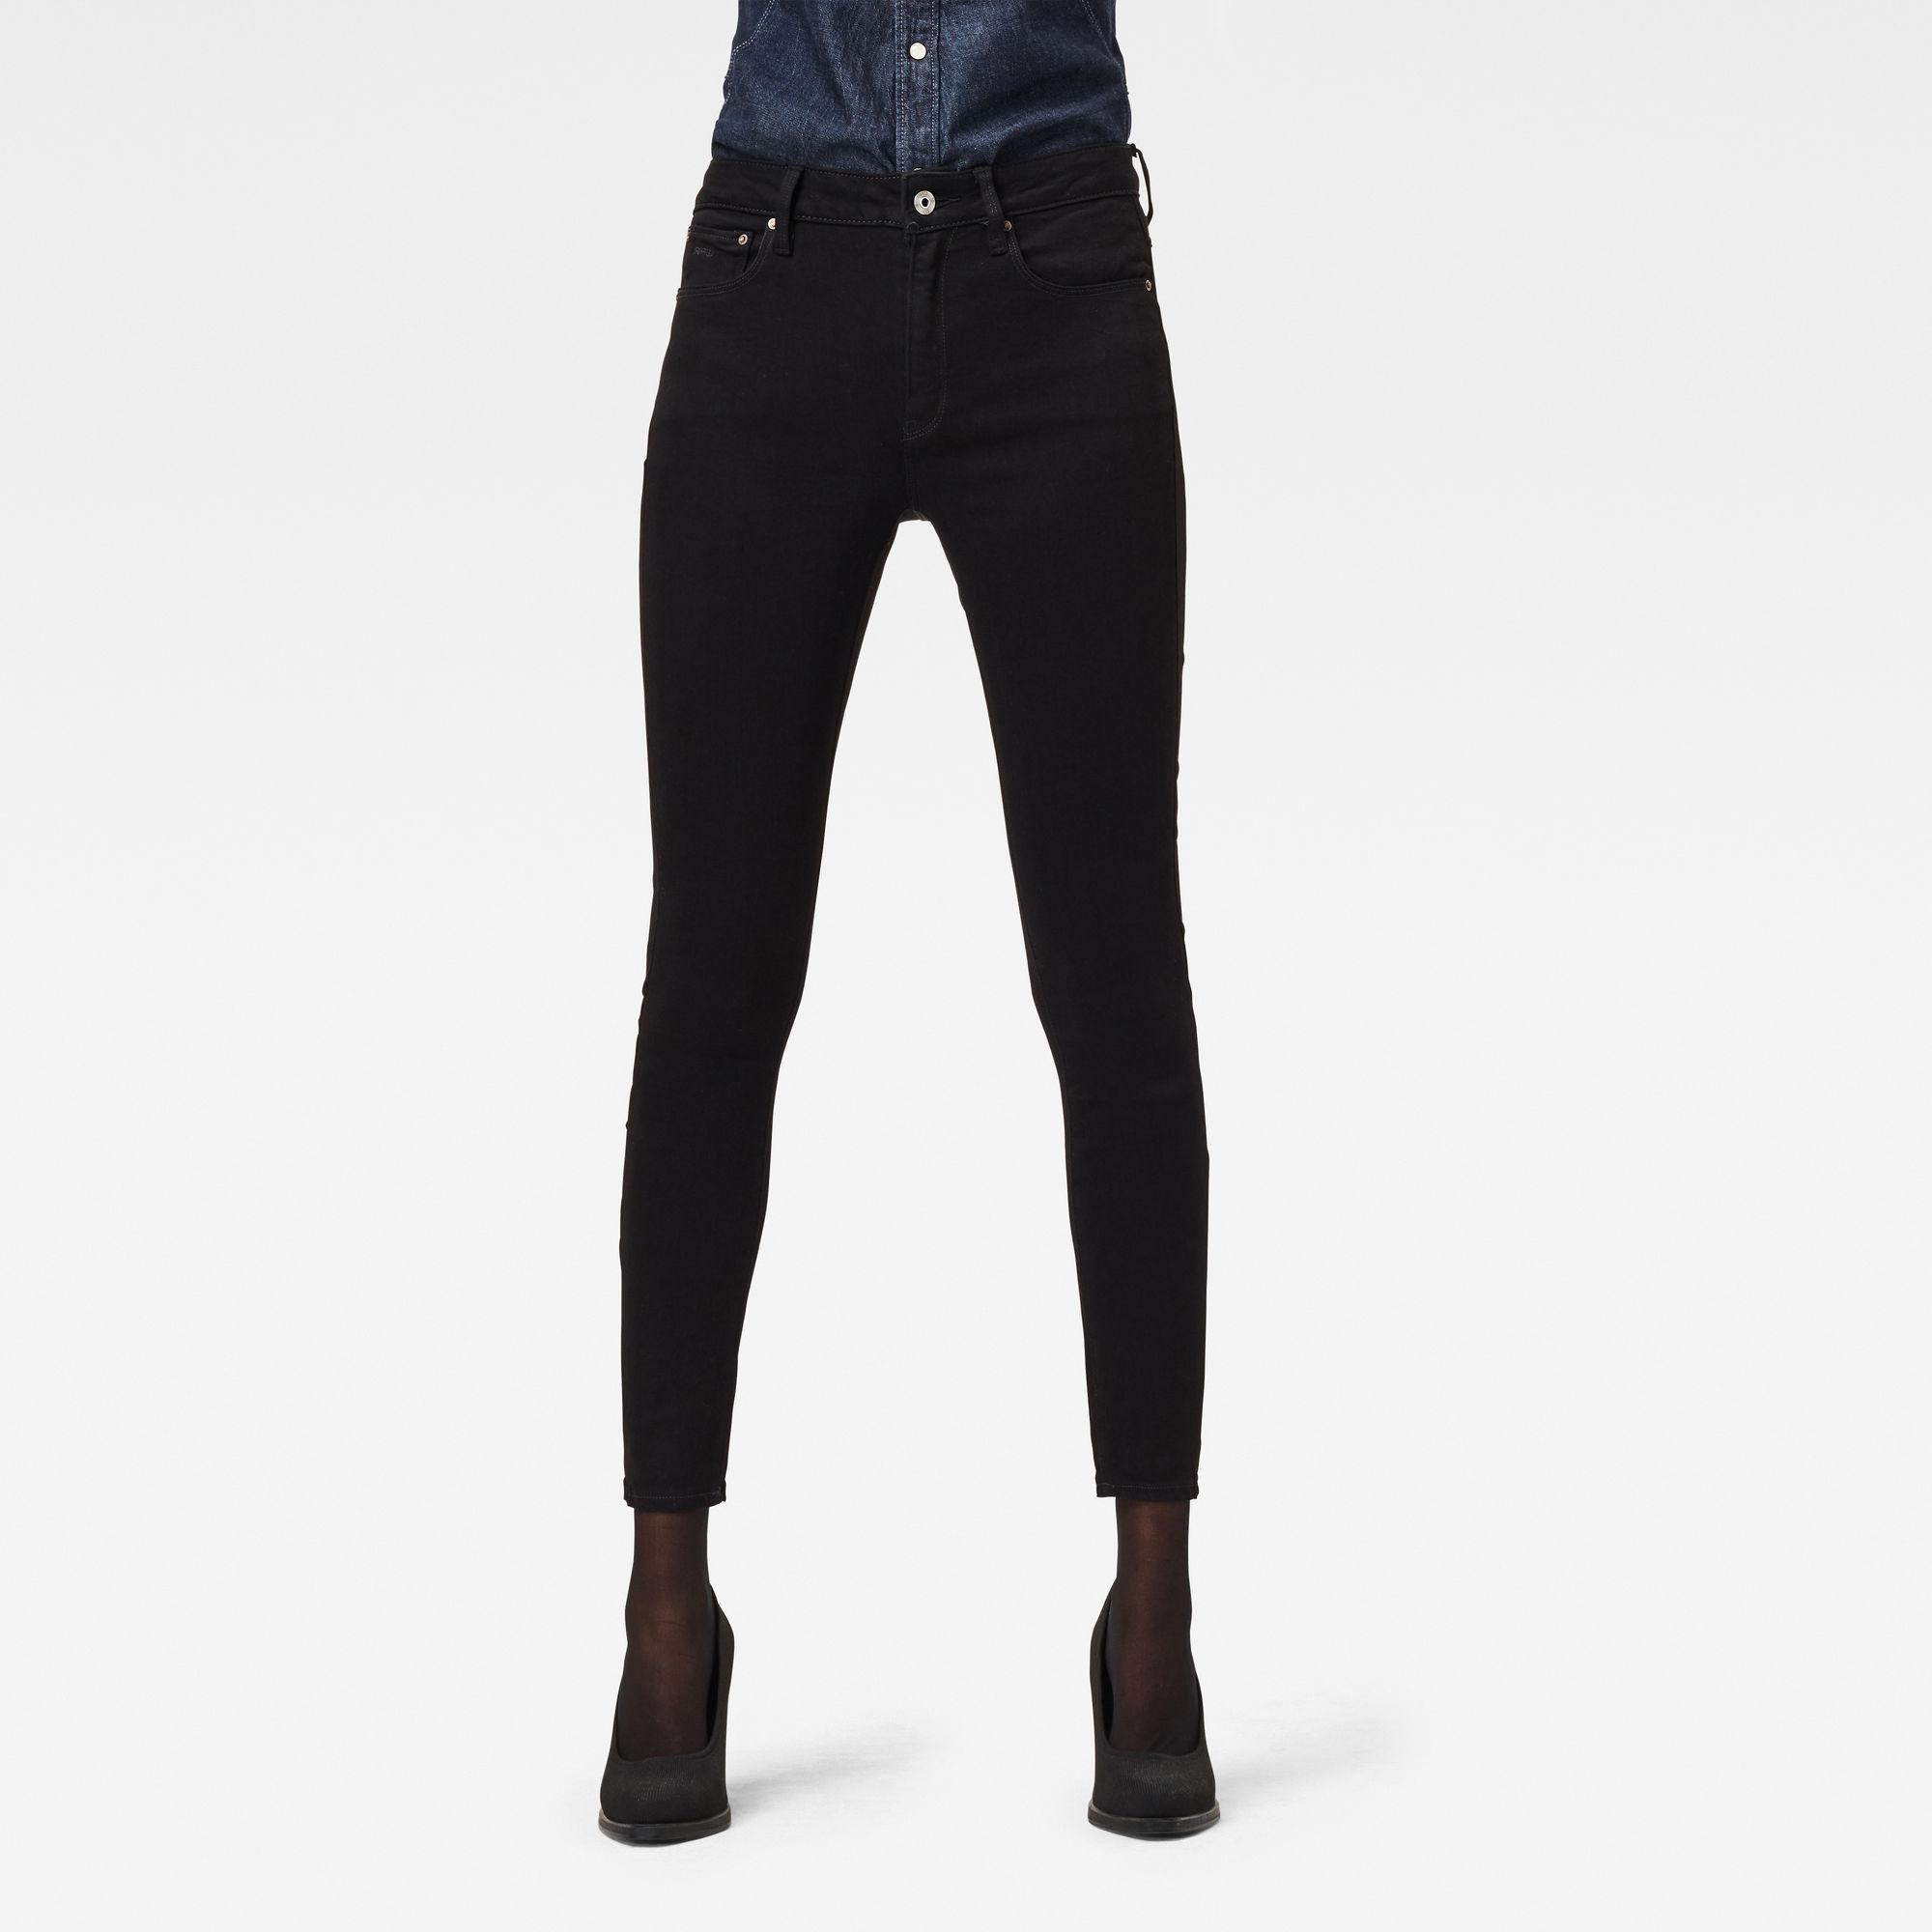 Van G Star Raw 3301 High Skinny Jeans Prijsvergelijk nu!